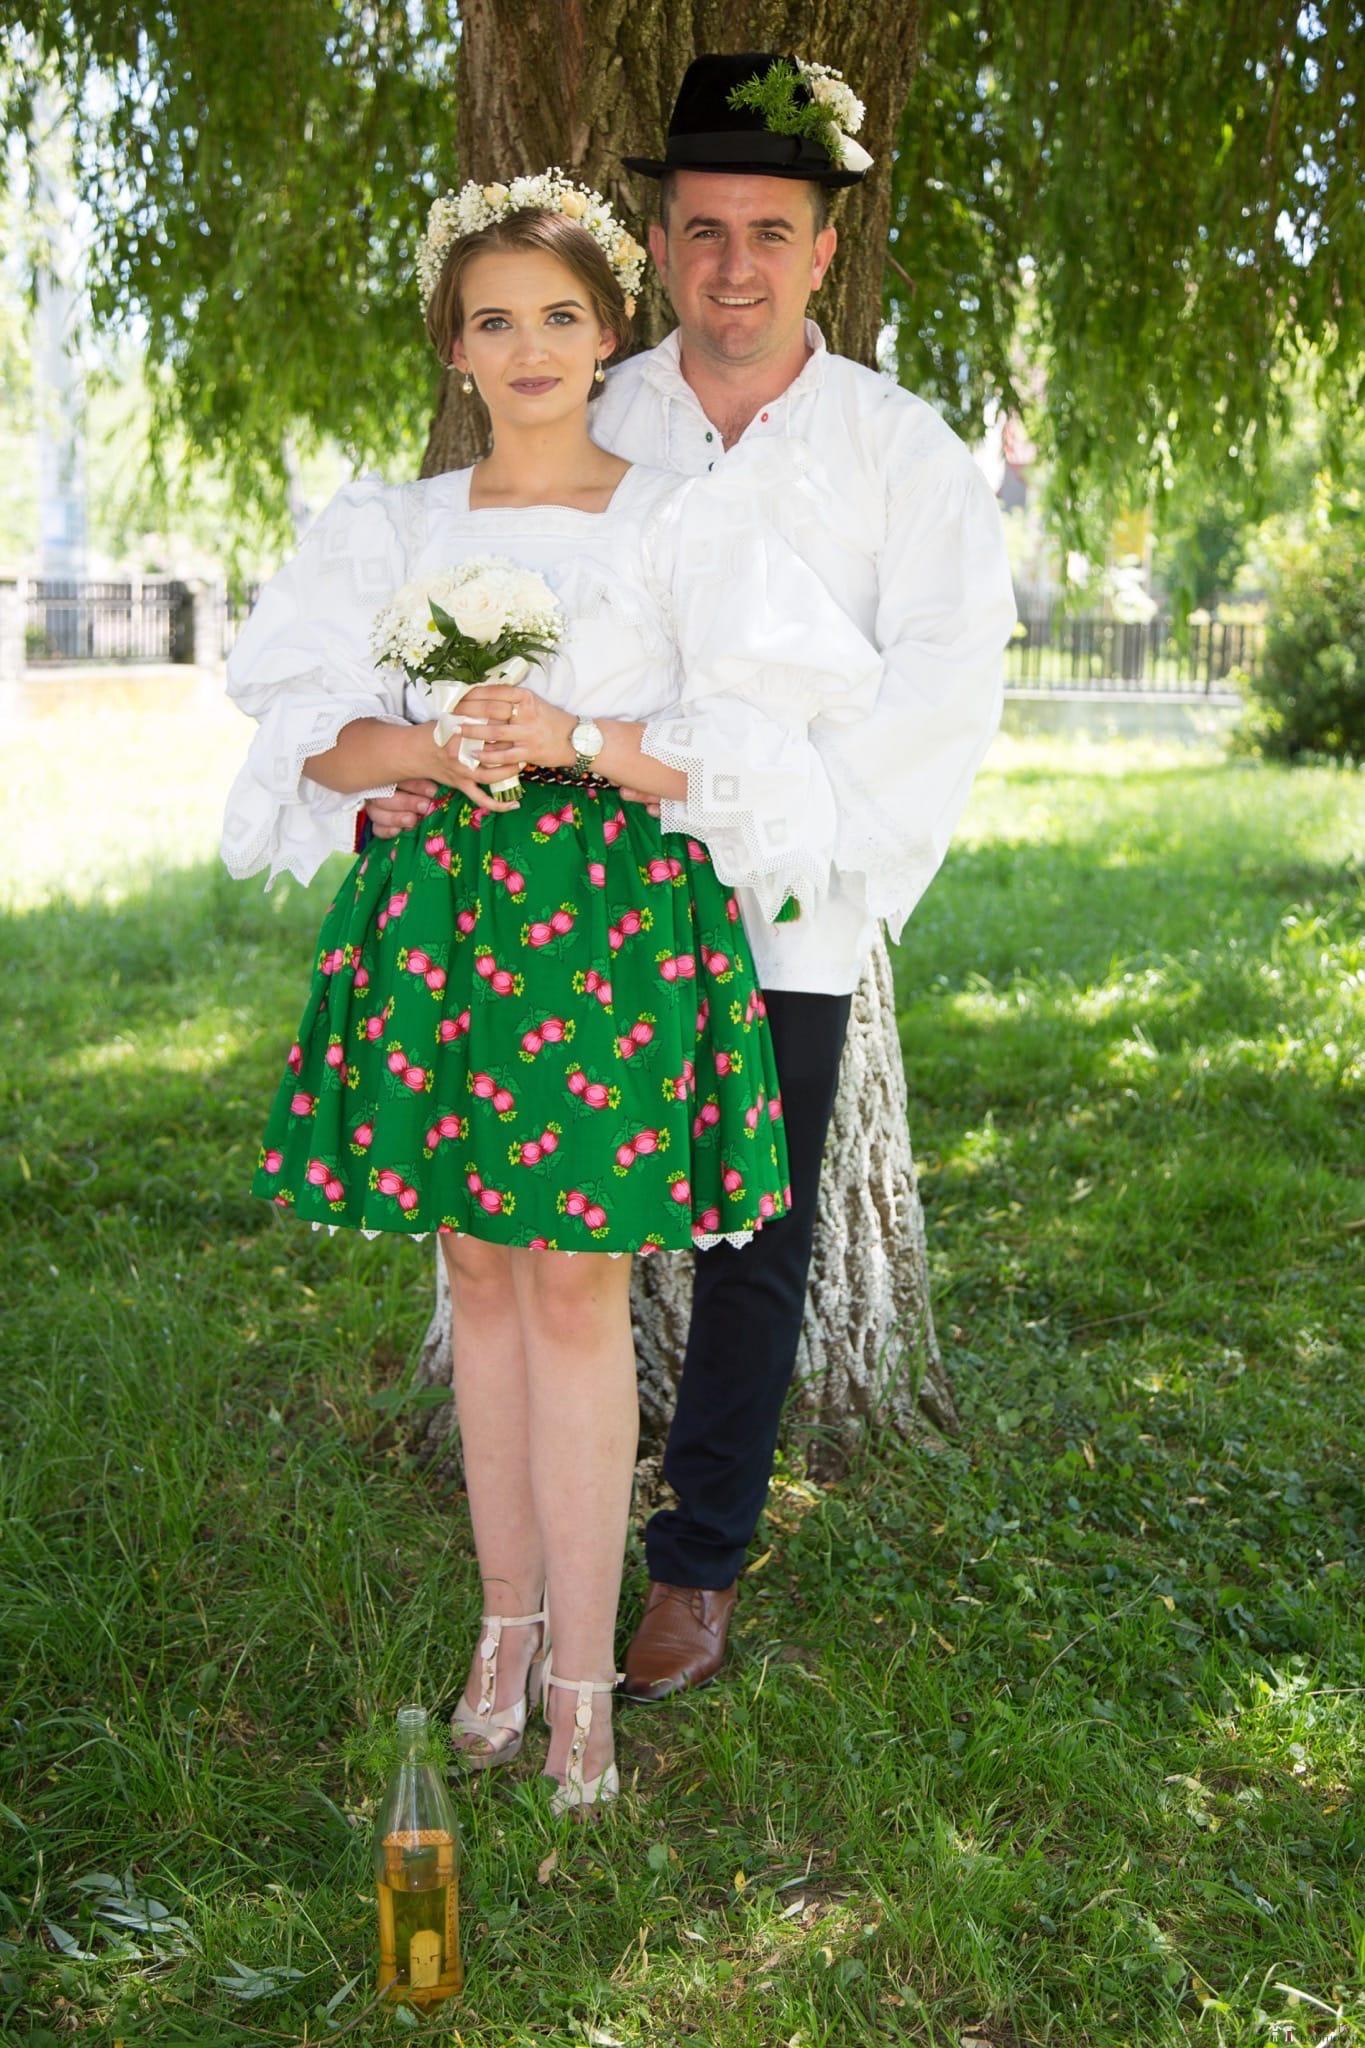 Povești Nunți Tradiționale - Ancuța și Nicu, cununie tradițională în Giulești, Maramureș 32